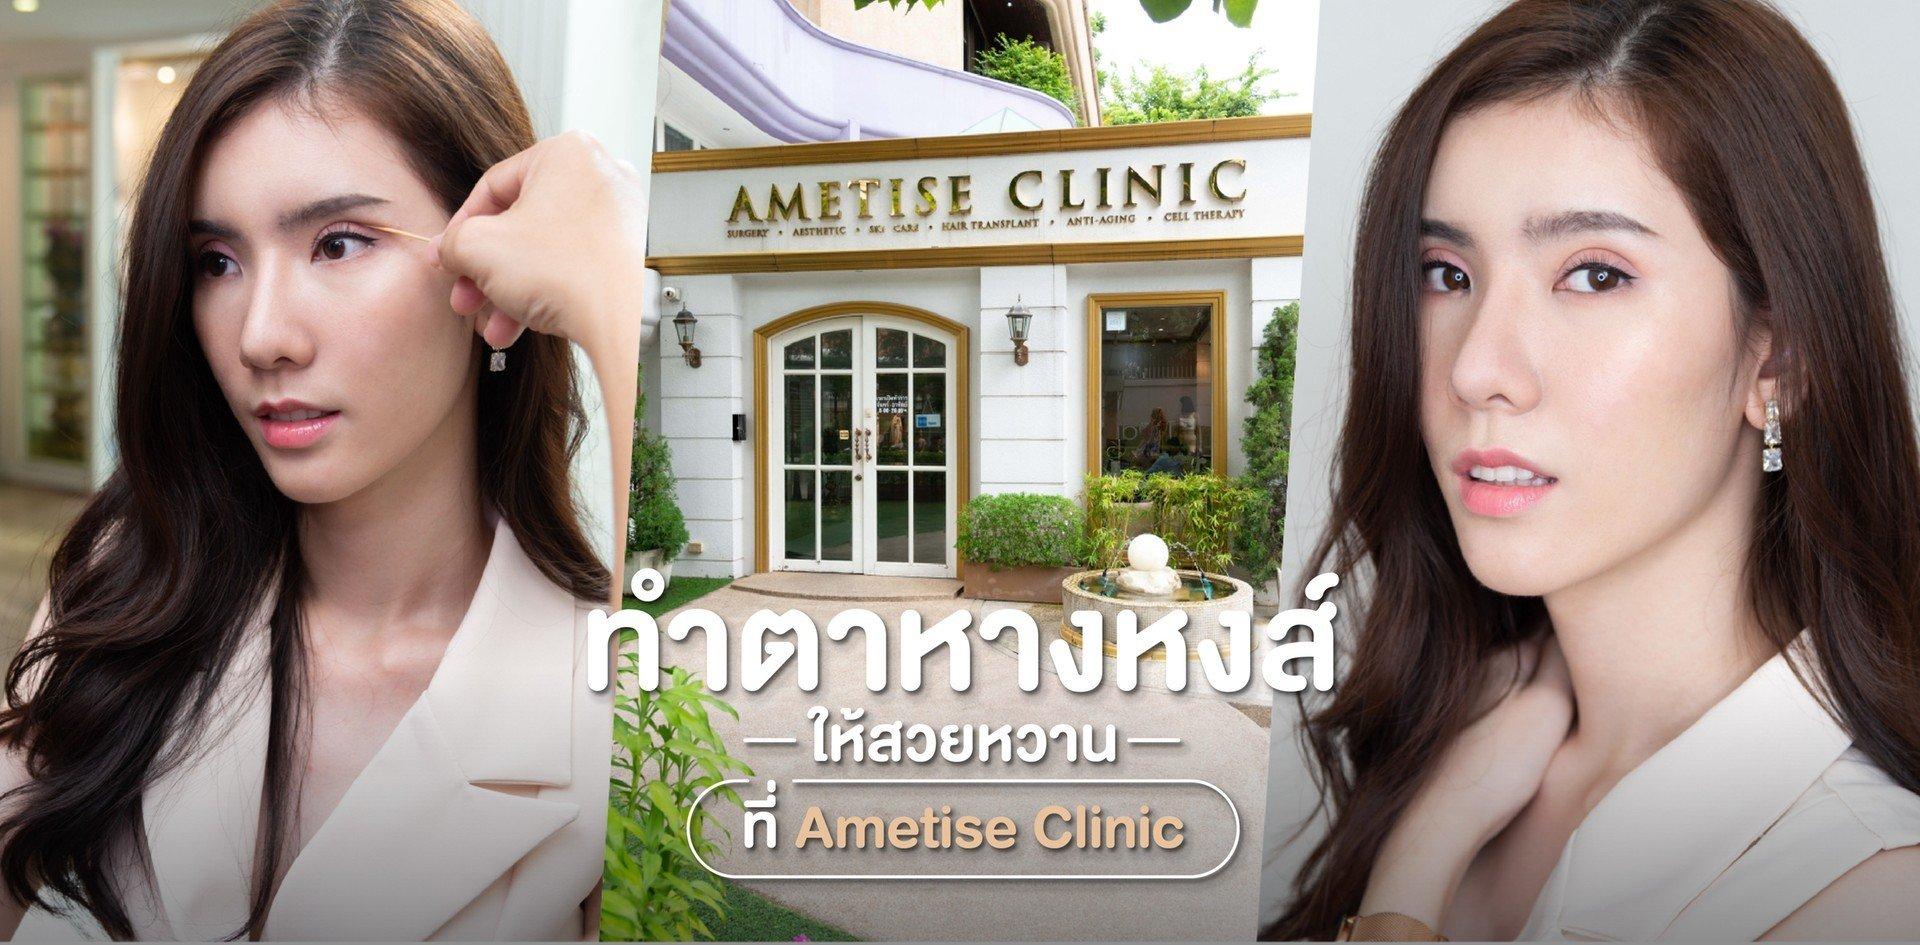 ทำตาหางหงส์ให้สวยหวาน ที่ Ametise Clinic